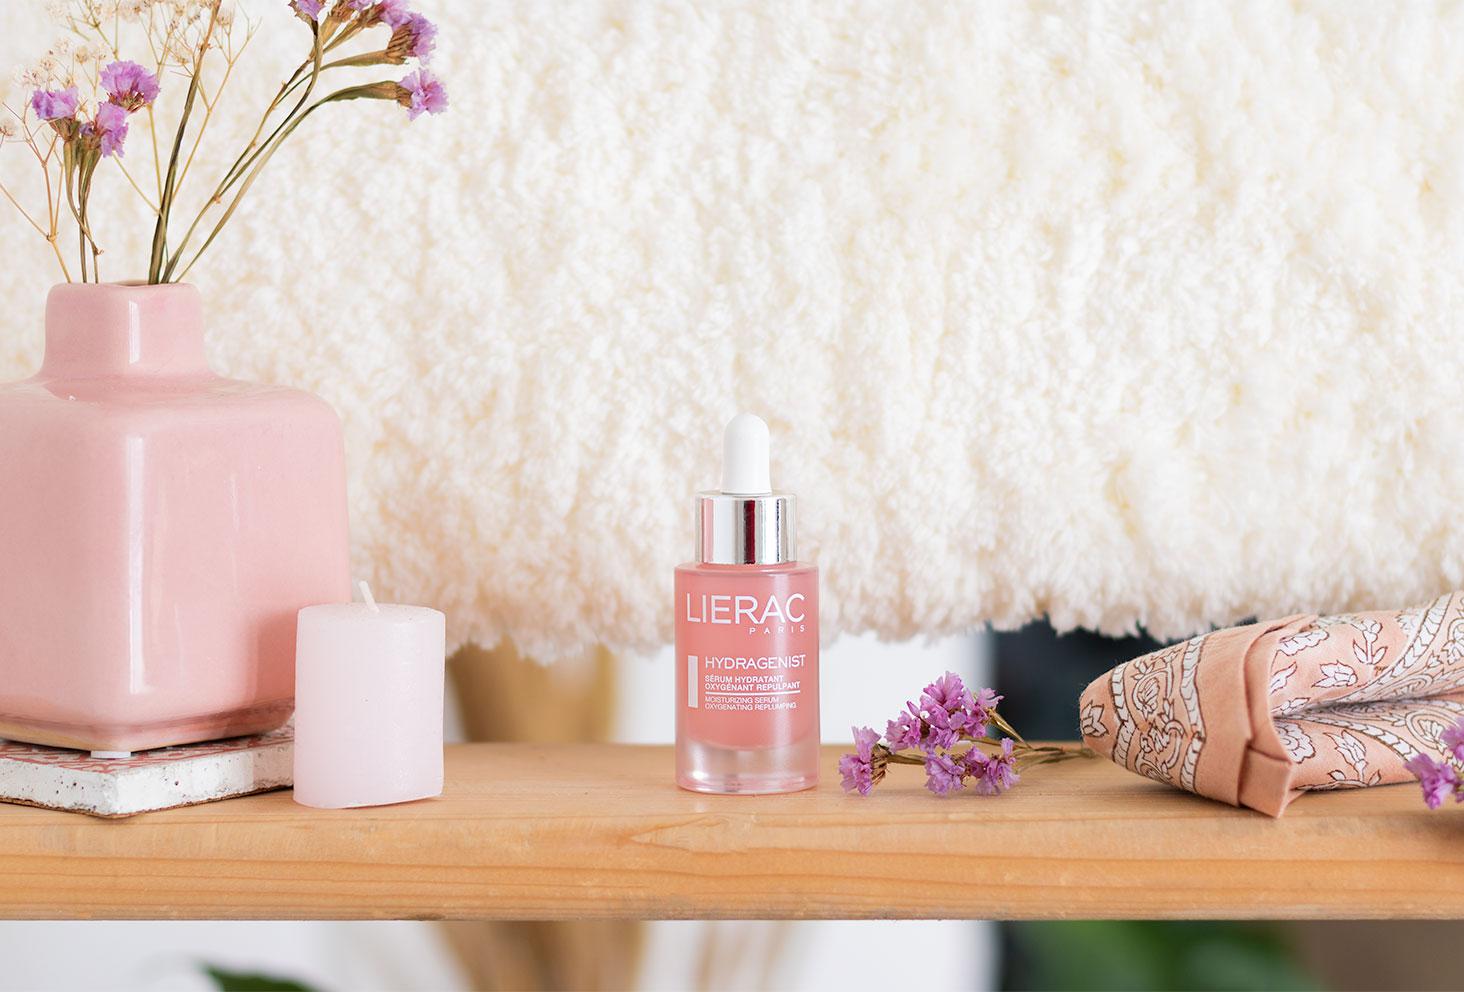 Le sérum hydratant et oxygénant de Lierac, dans un flacon rose en verre, sur une étagère en bois clair